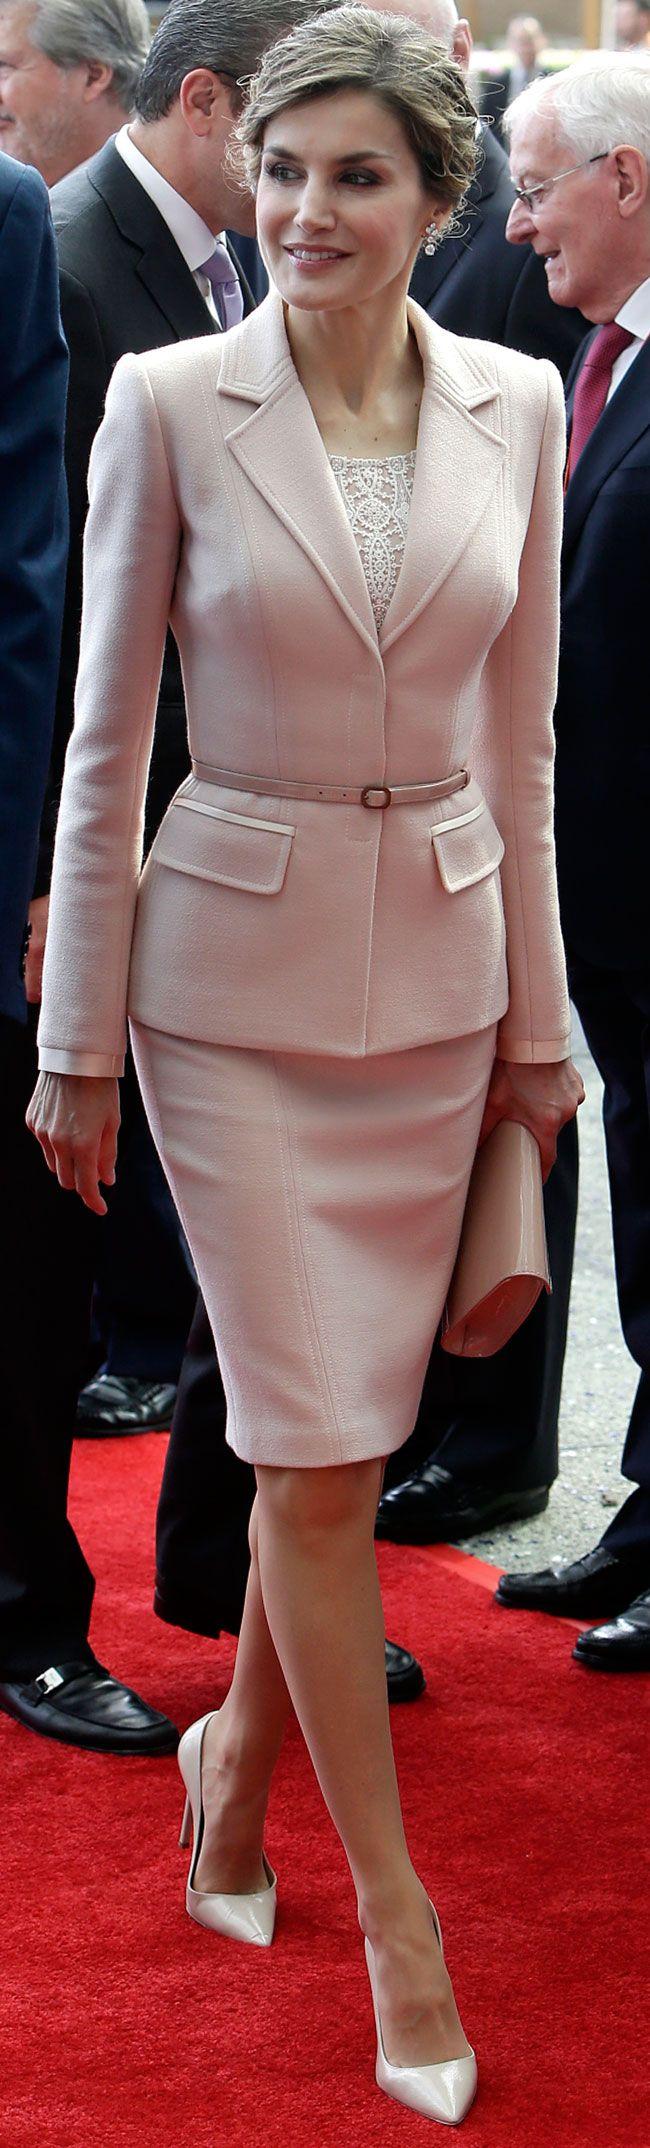 Doña Letizia ha repetido  un traje de chaqueta de Felipe Varela. Una pieza en color rosa empolvado, entallada y favorecedora para su figura, con esta ya lo ha lucido en cuatro ocasiones. Lo estrenó en noviembre de 2013 en EEUU, y la última en abril de 2015 para un acto en El Pardo con la Reina Sofía. Los zapatos de Prada en nude y la cartera de charol de Felipe Varela. Lo pendientes de diamantes son un regalo de los Reyes Juan Carlos y Sofía, antes de su boda con el Príncipe Felipe.